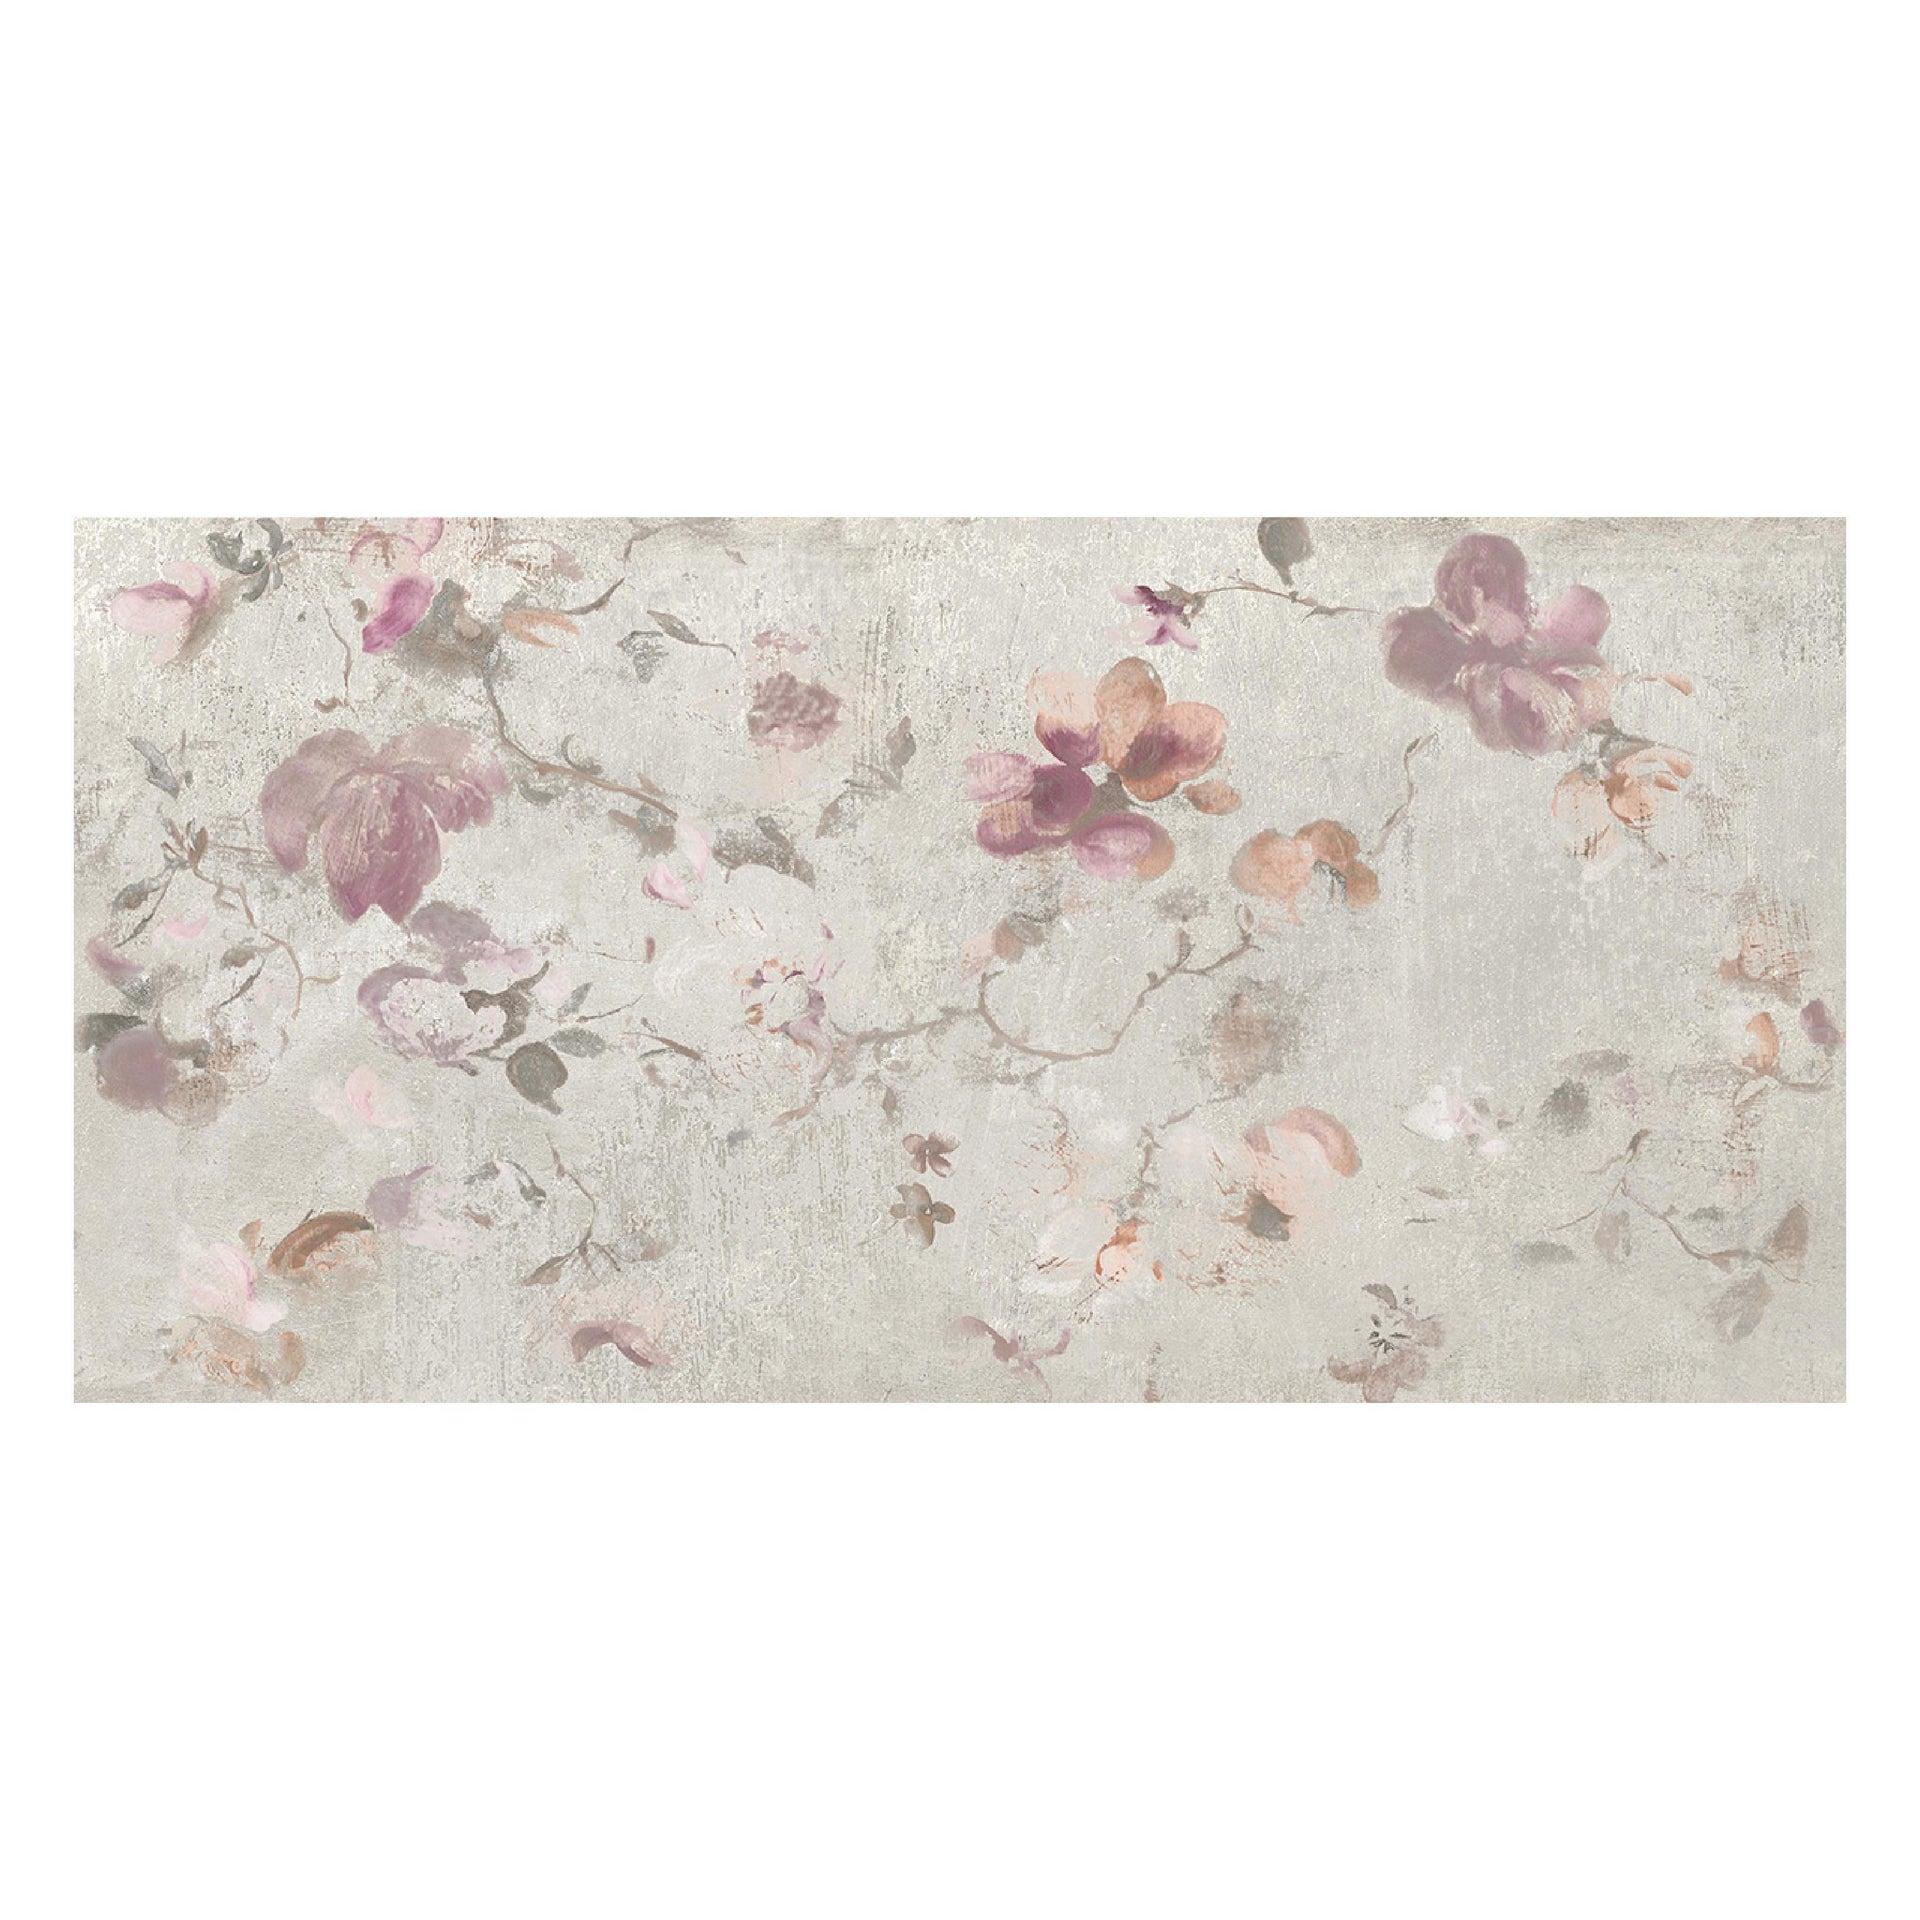 Piastrella City Grey Decoro Flower 60 x 120 cm sp. 9.5 mm PEI 4/5 grigio - 3